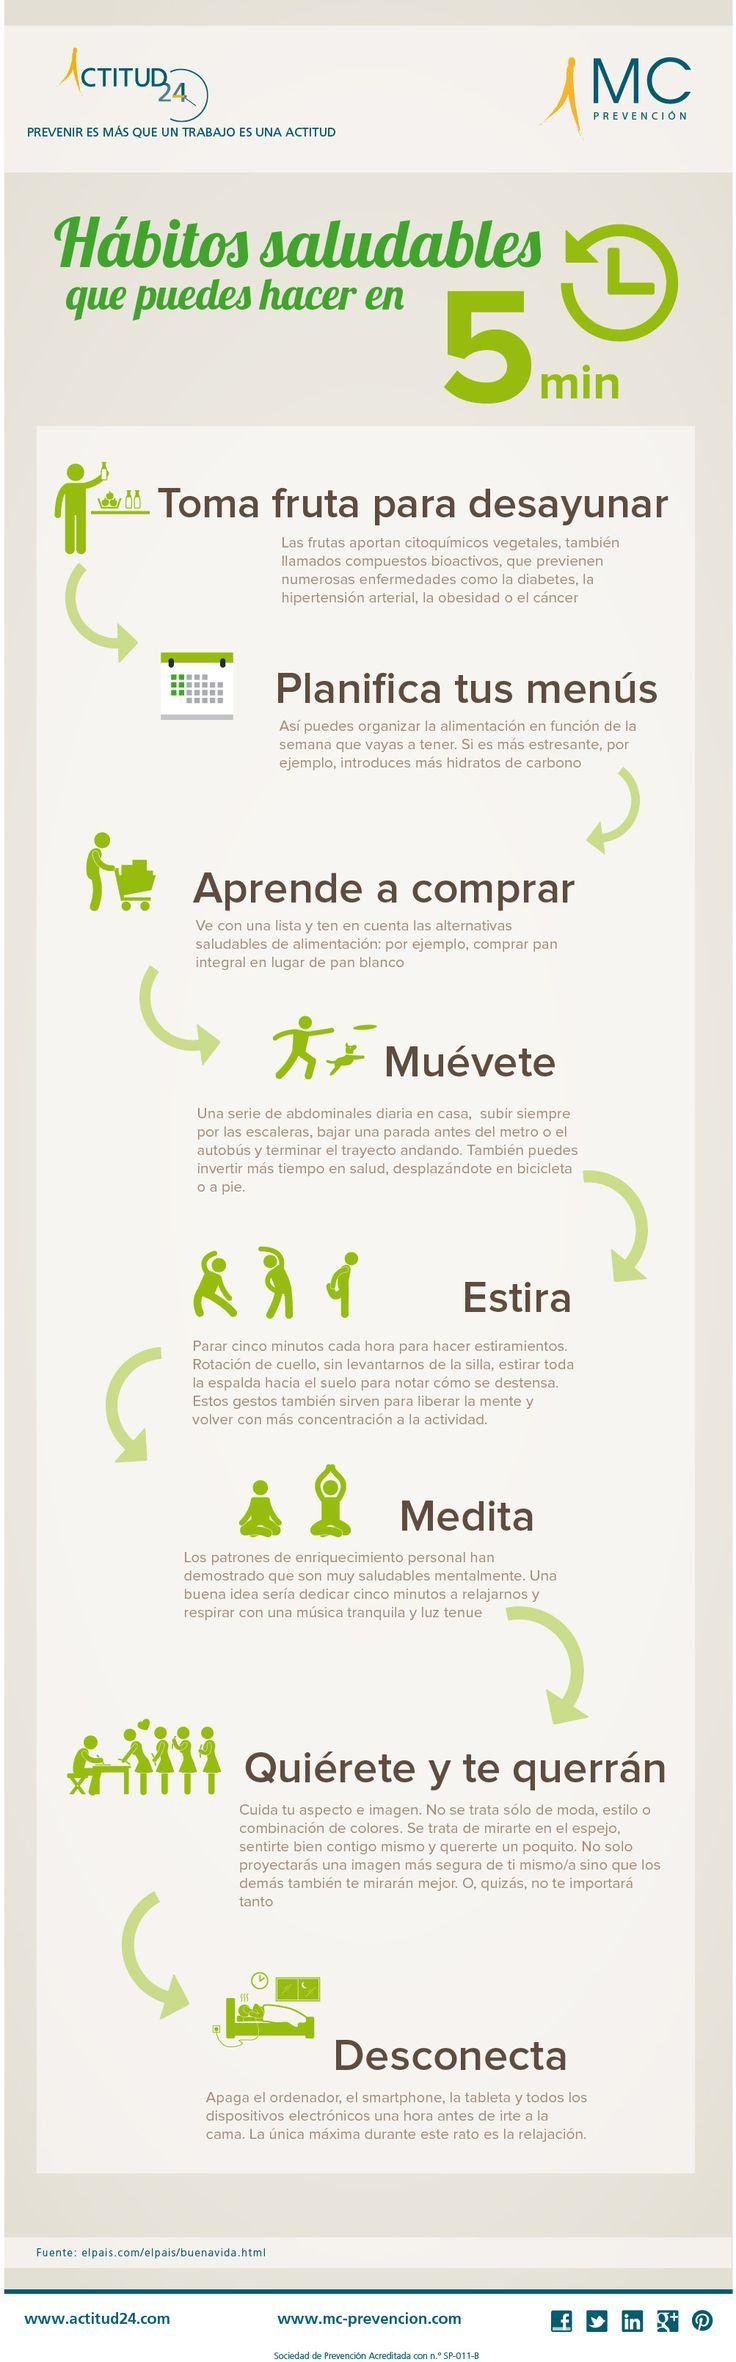 #Infografia sobre Hábitos saludables que puedes hacer en cinco minutos. #Salud #Bienestar: